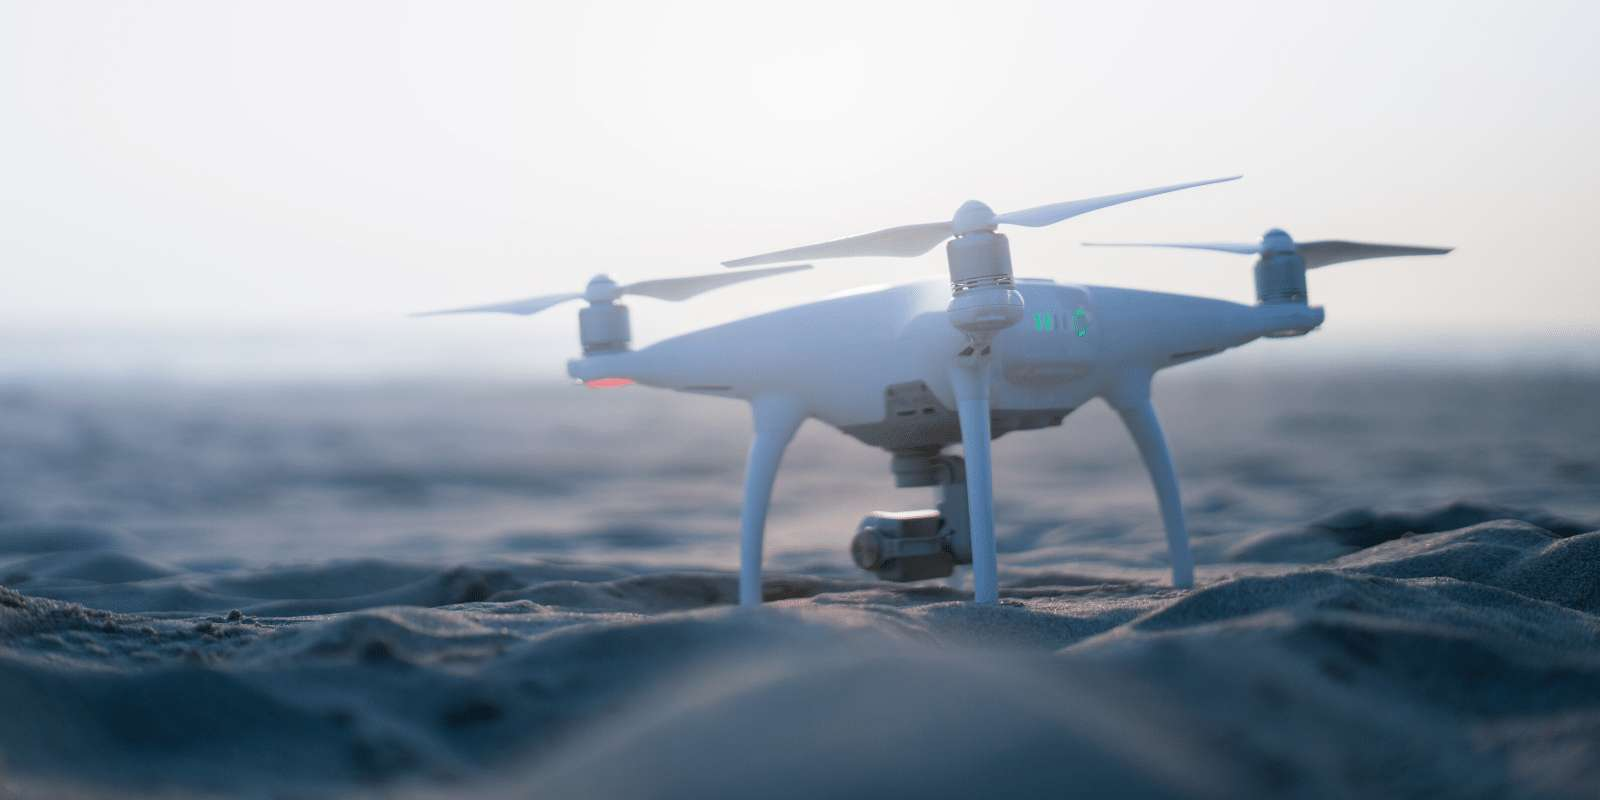 Leader mondial dans la fabrication de caméras-drones et également connu pour ses caméras d'action, DJI participera aussi au Black Friday et au Cyber Monday, du 29 novembre au 2 décembre. ©Unsplash